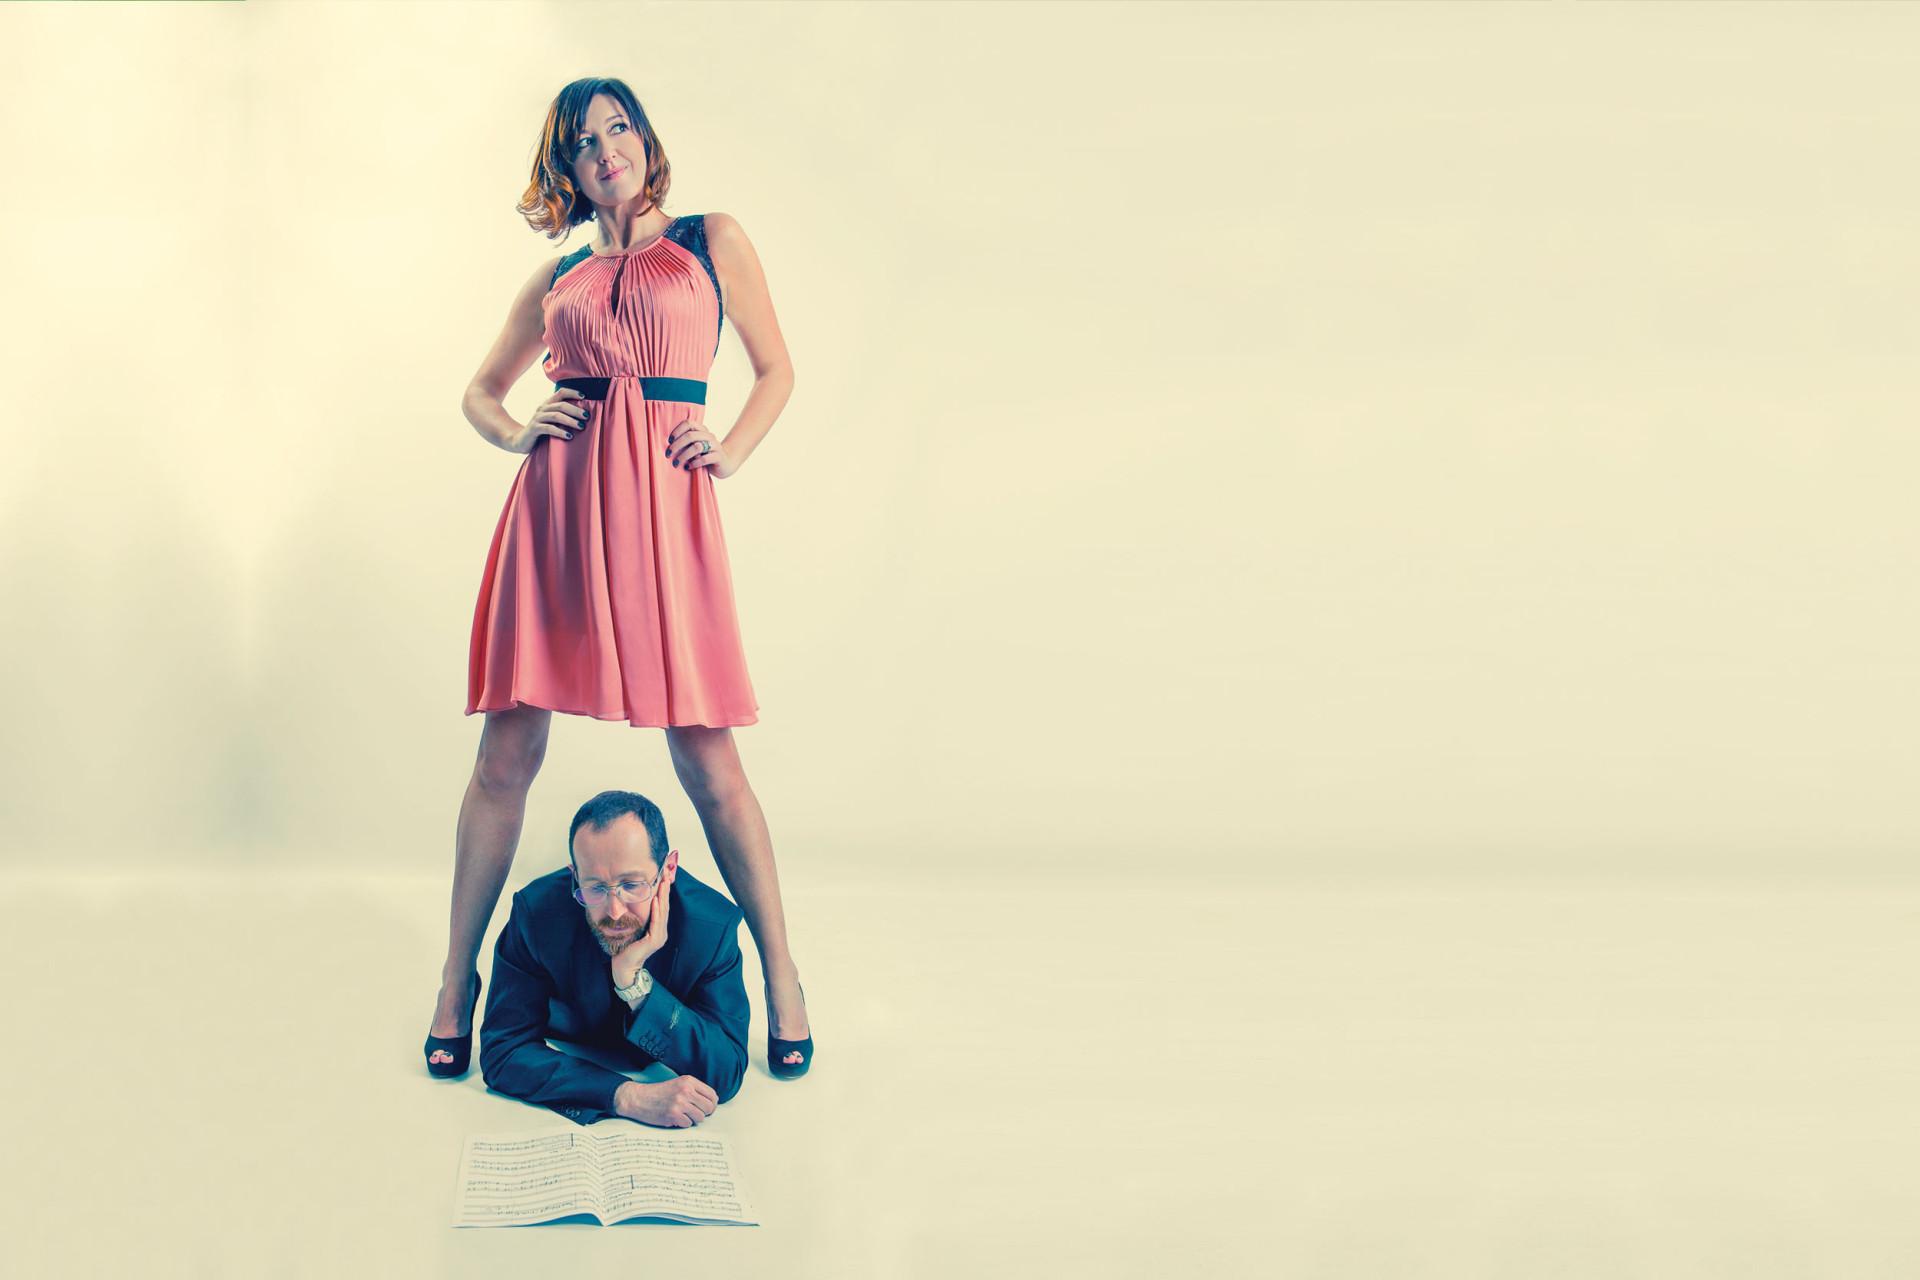 Letizia Brugnoli - Cantante e Roberto Sansuini - Musicista, compositore